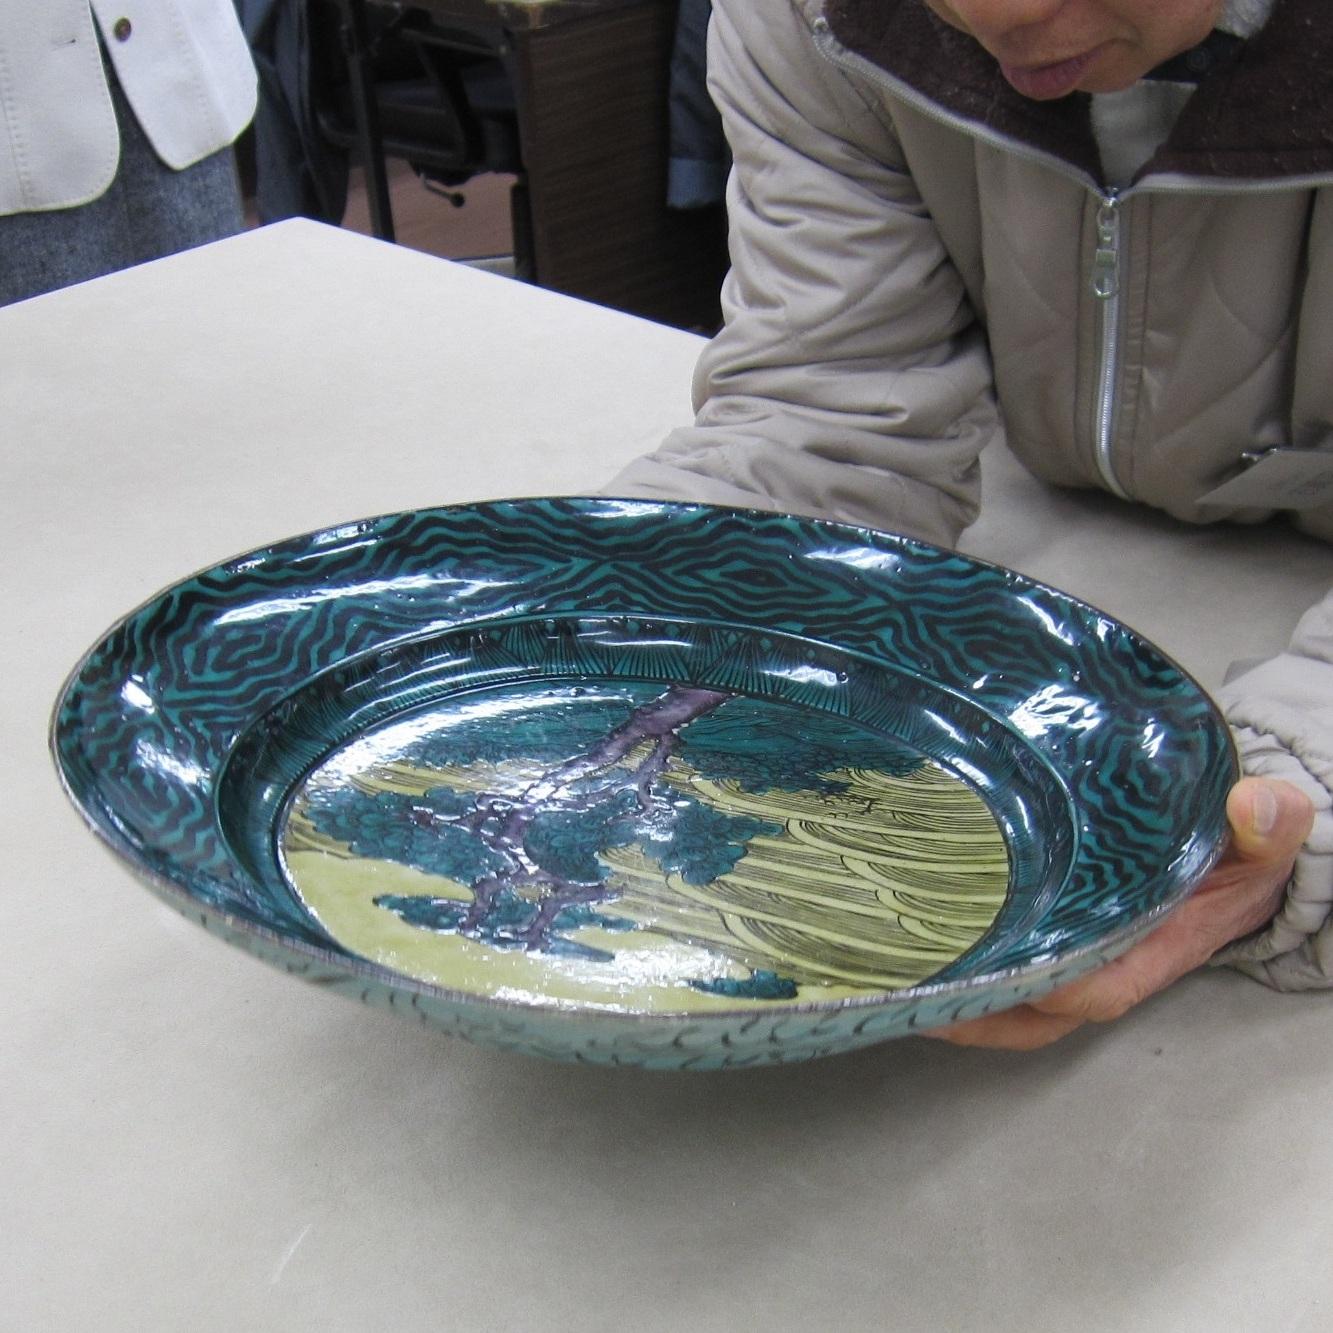 陶芸文化講座の受講者を募集しています 【募集は終了しました】